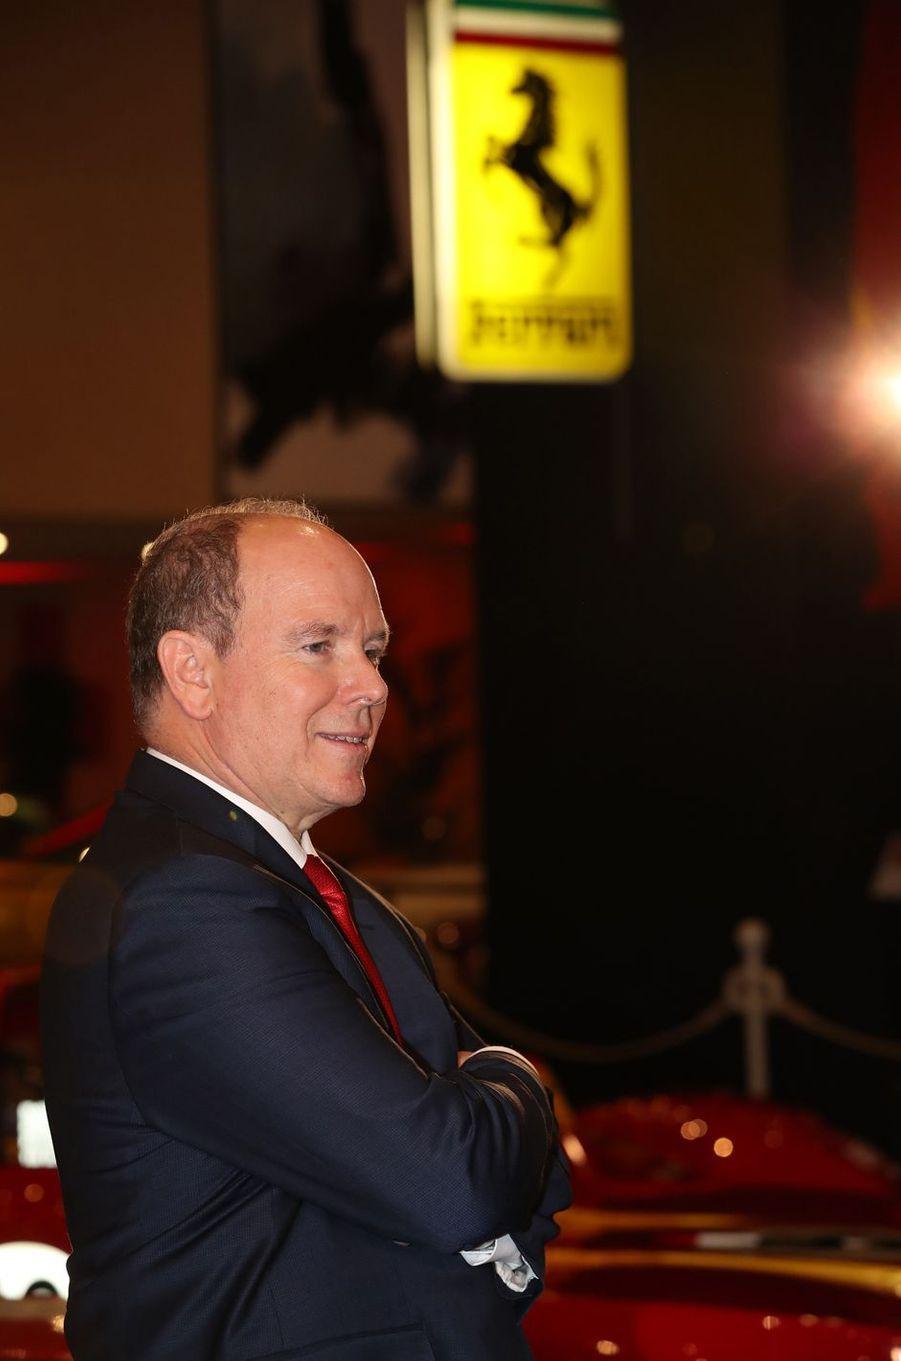 Le prince Albert II de Monaco à Monaco, le 3 décembre 2018